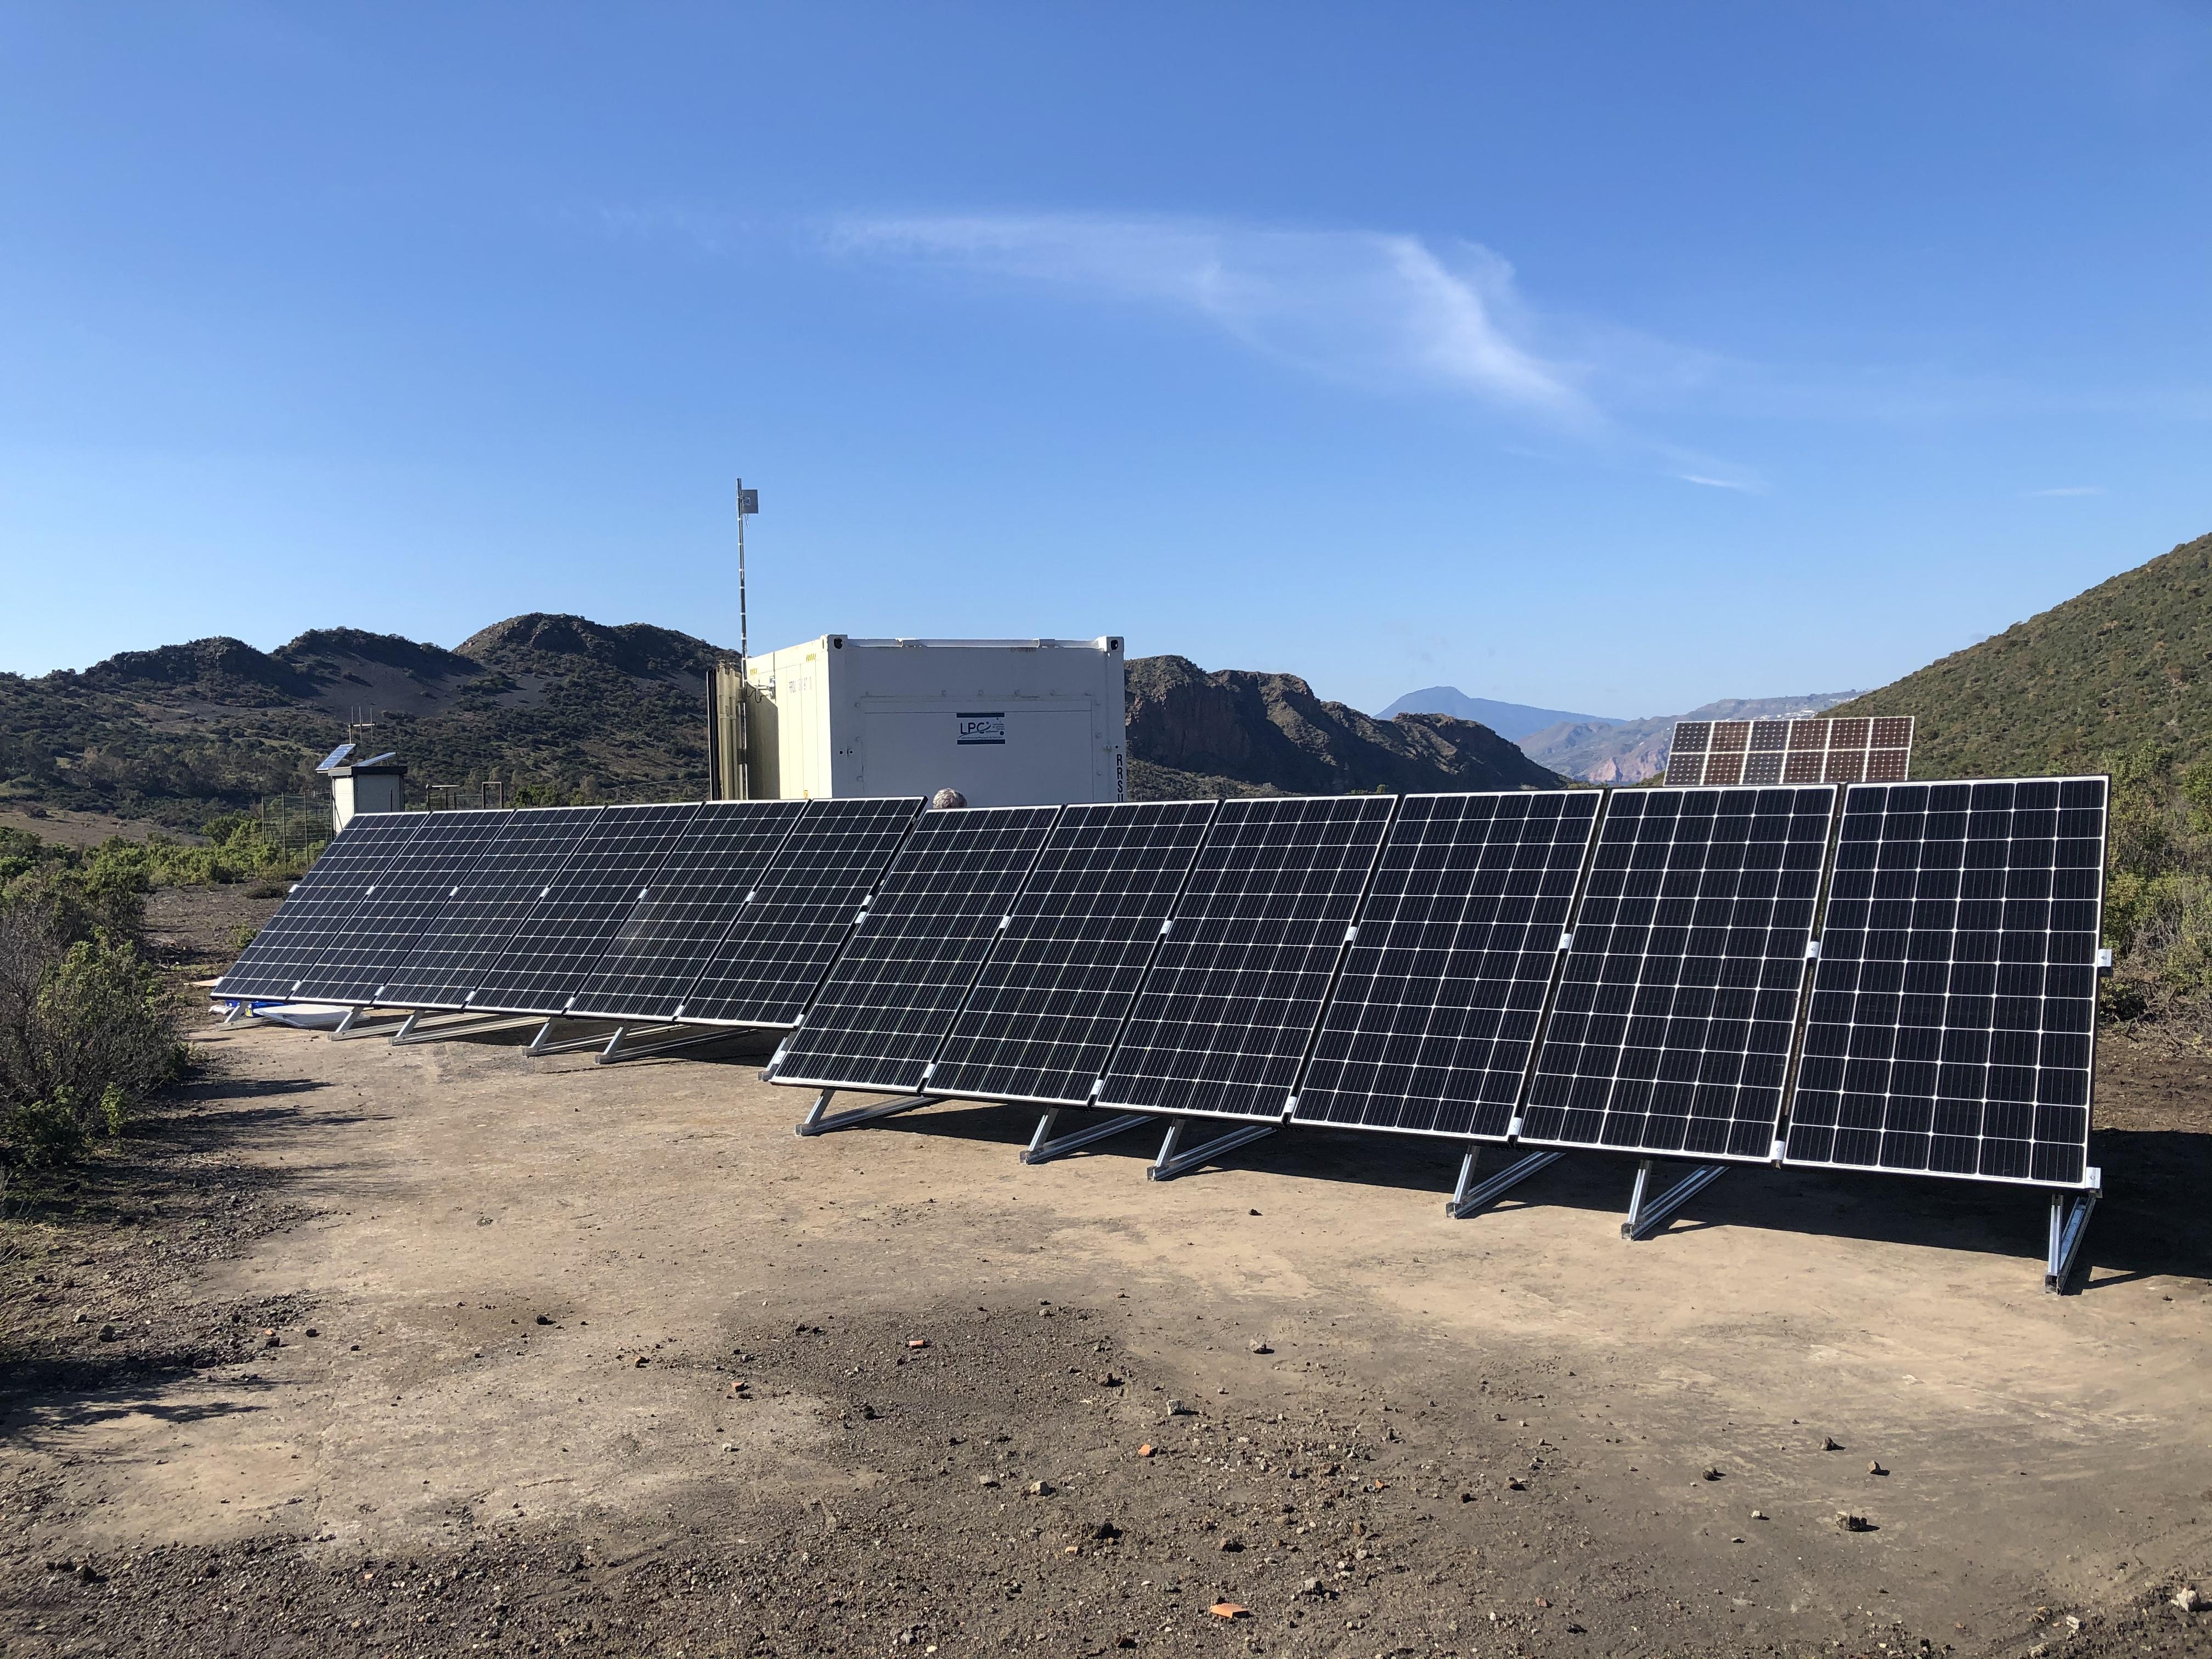 Installation des panneaux solaires qui ont servit à l'alimentation électrique du projet